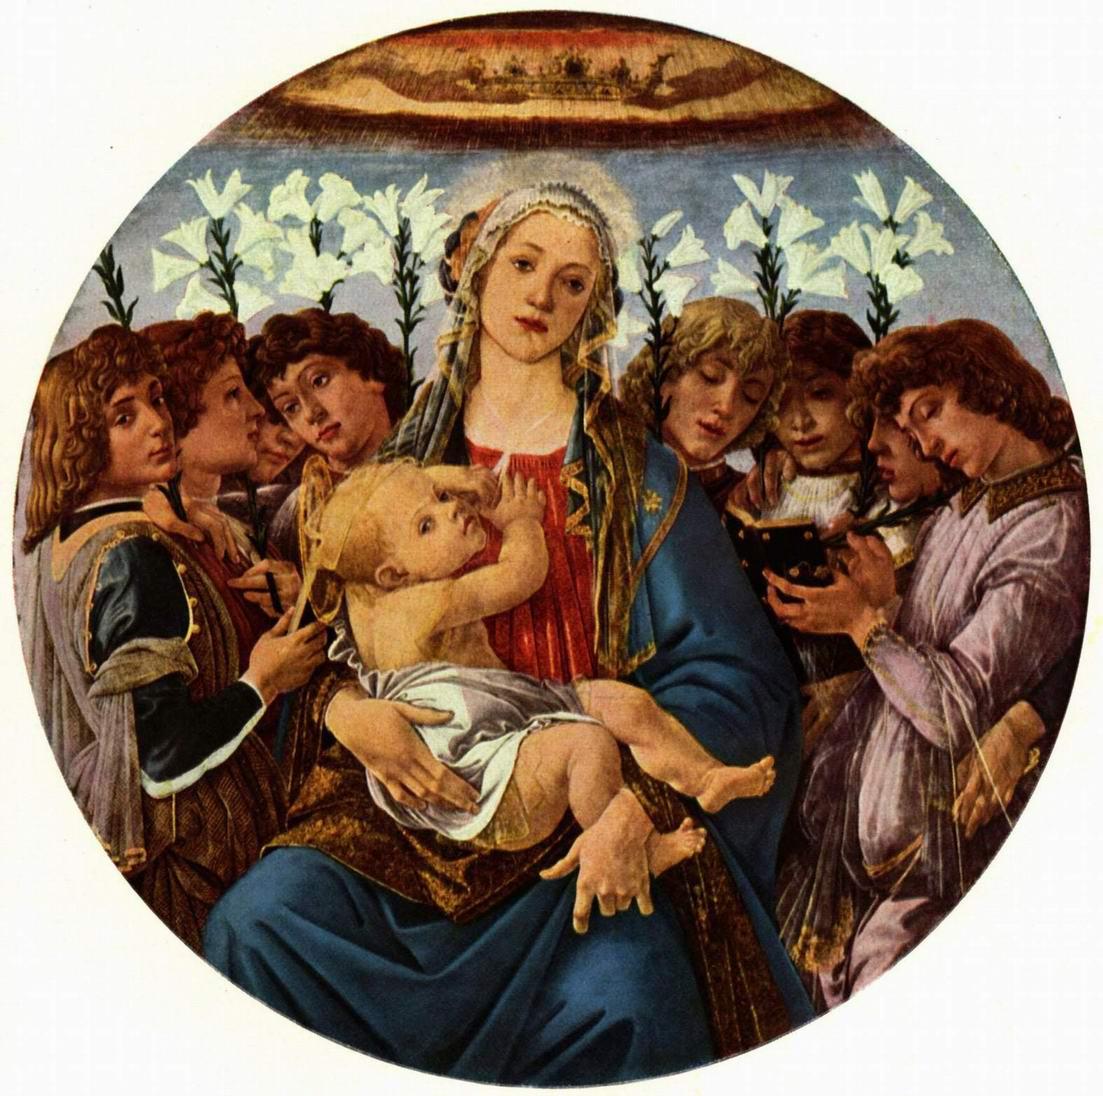 Сандро Боттичелли - Мадонна с восемью поющими ангелами (Берлинская Мадонна)